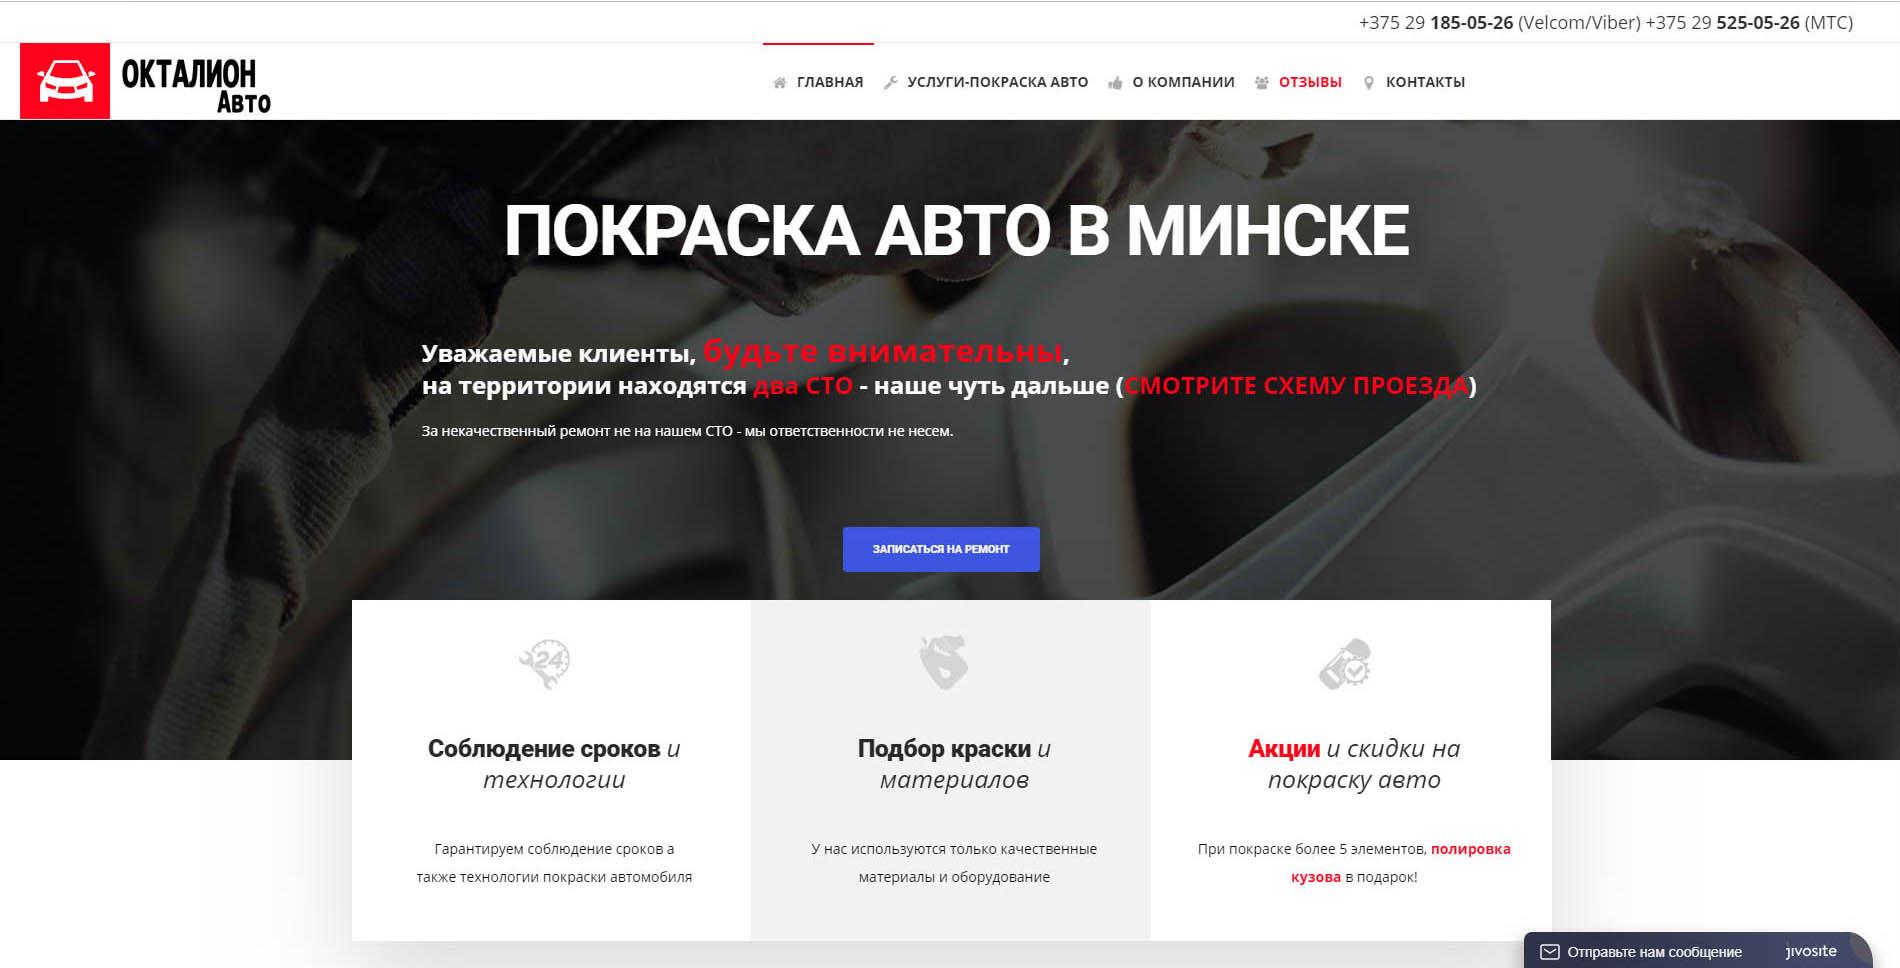 http://razrabotka-sajtov.by/wp-content/uploads/2020/05/oktalion-avto.jpg